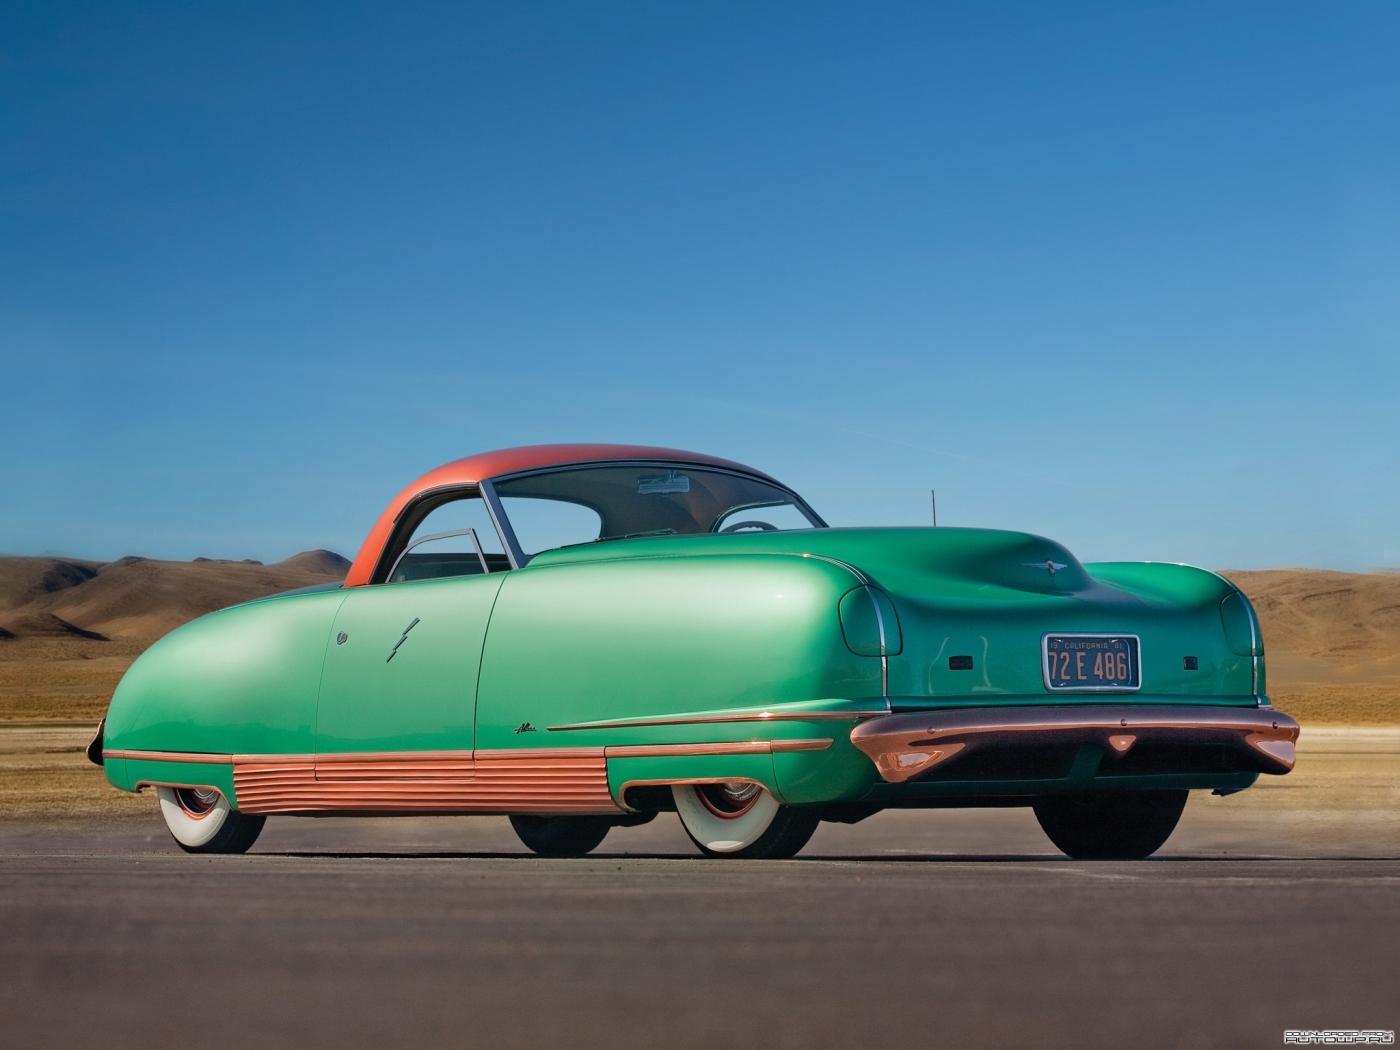 26169 скачать обои Транспорт, Машины, Крайслер (Chrysler) - заставки и картинки бесплатно